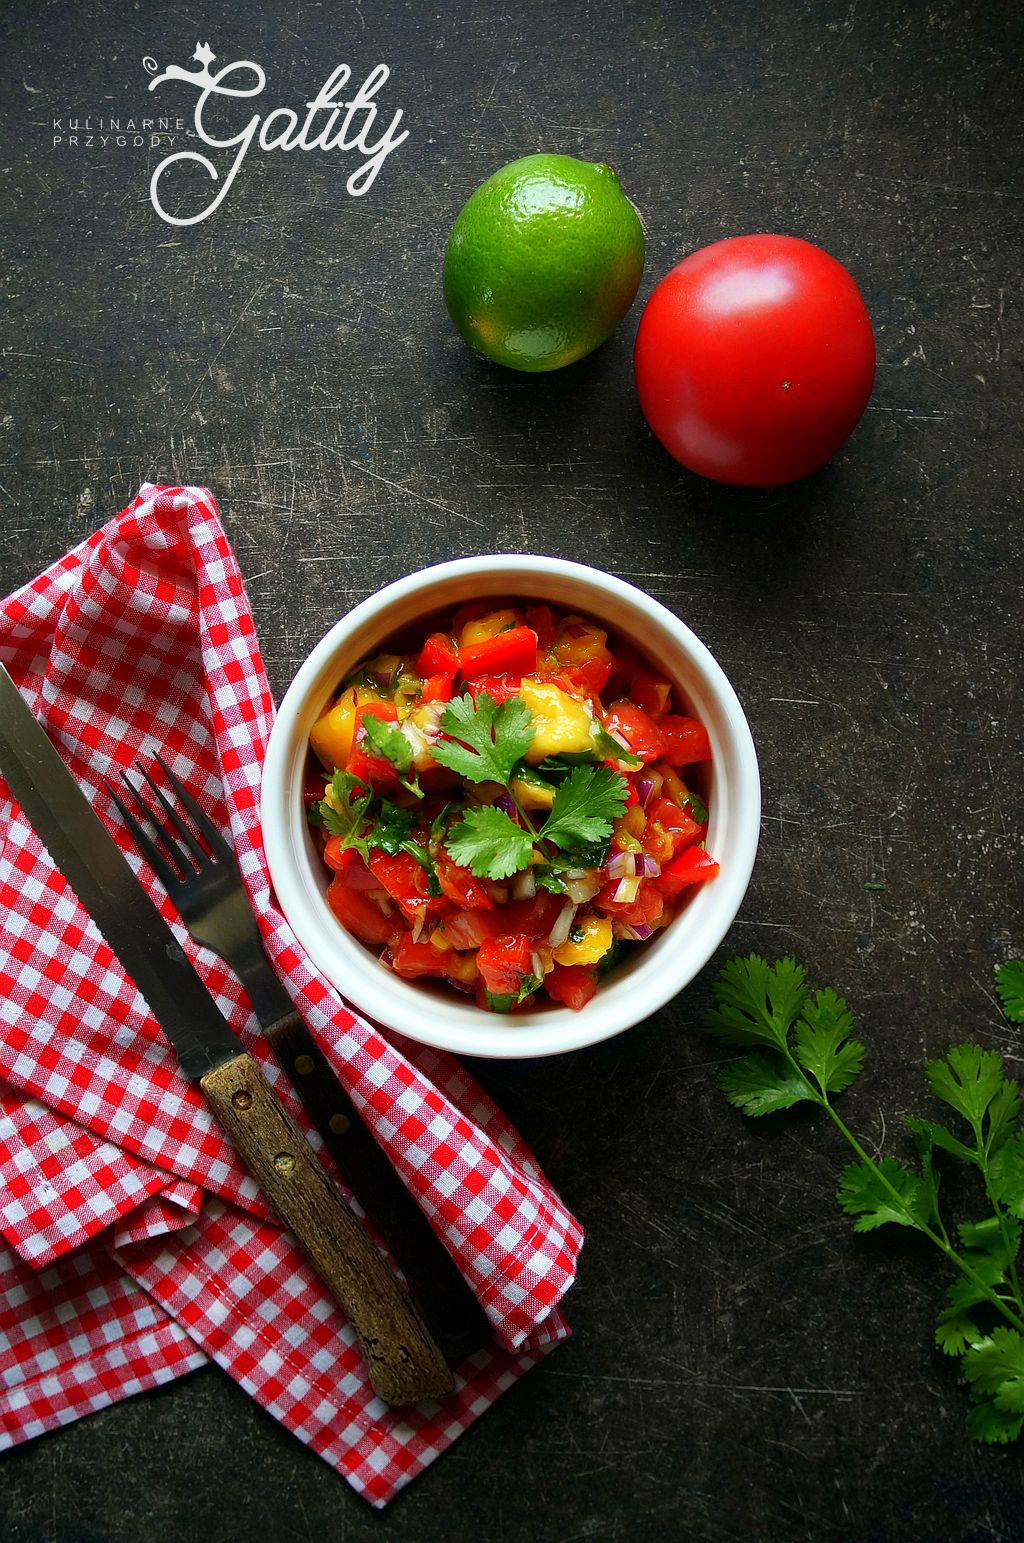 kolorowe-warzywa-w-misce